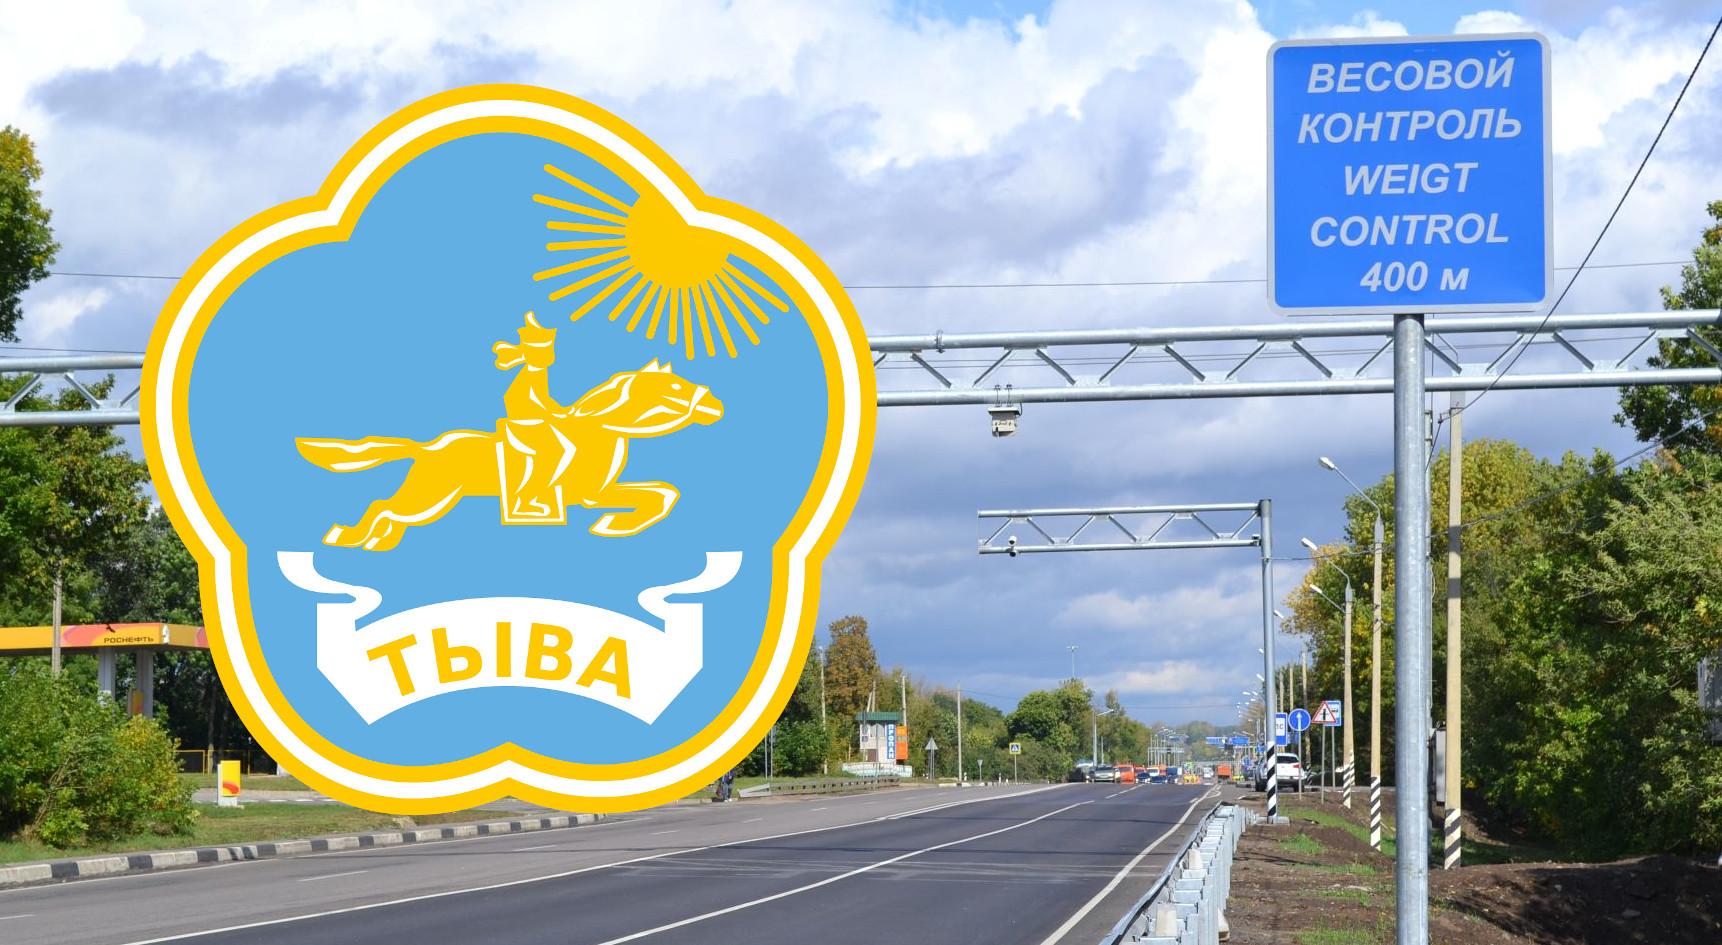 ВГК в Республике Тыва